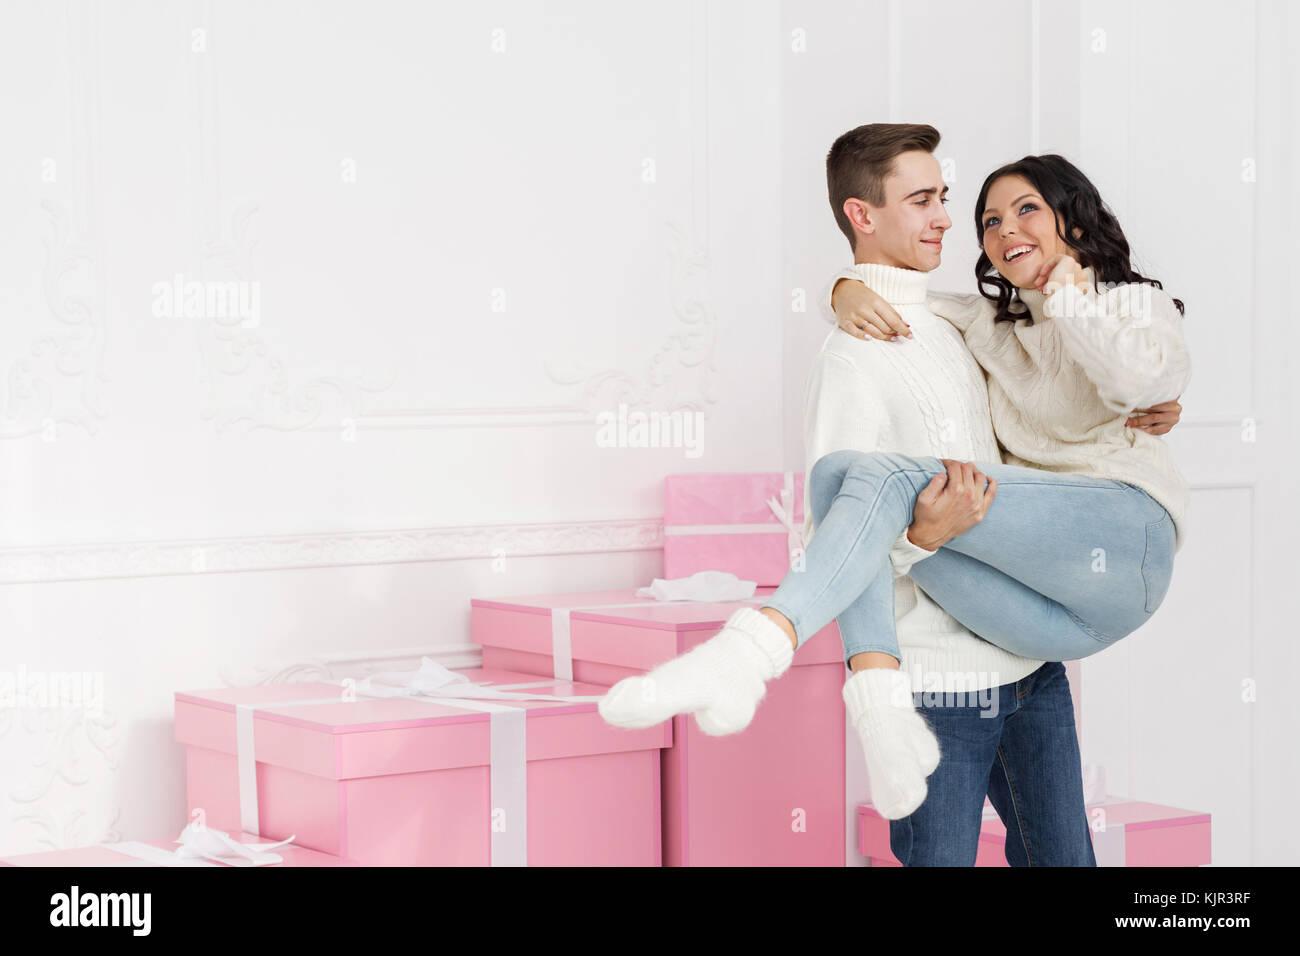 Frohe Weihnachten Freundin.Paar Teenager Die Neben Der Geschenke Er Hält Seine Freundin In